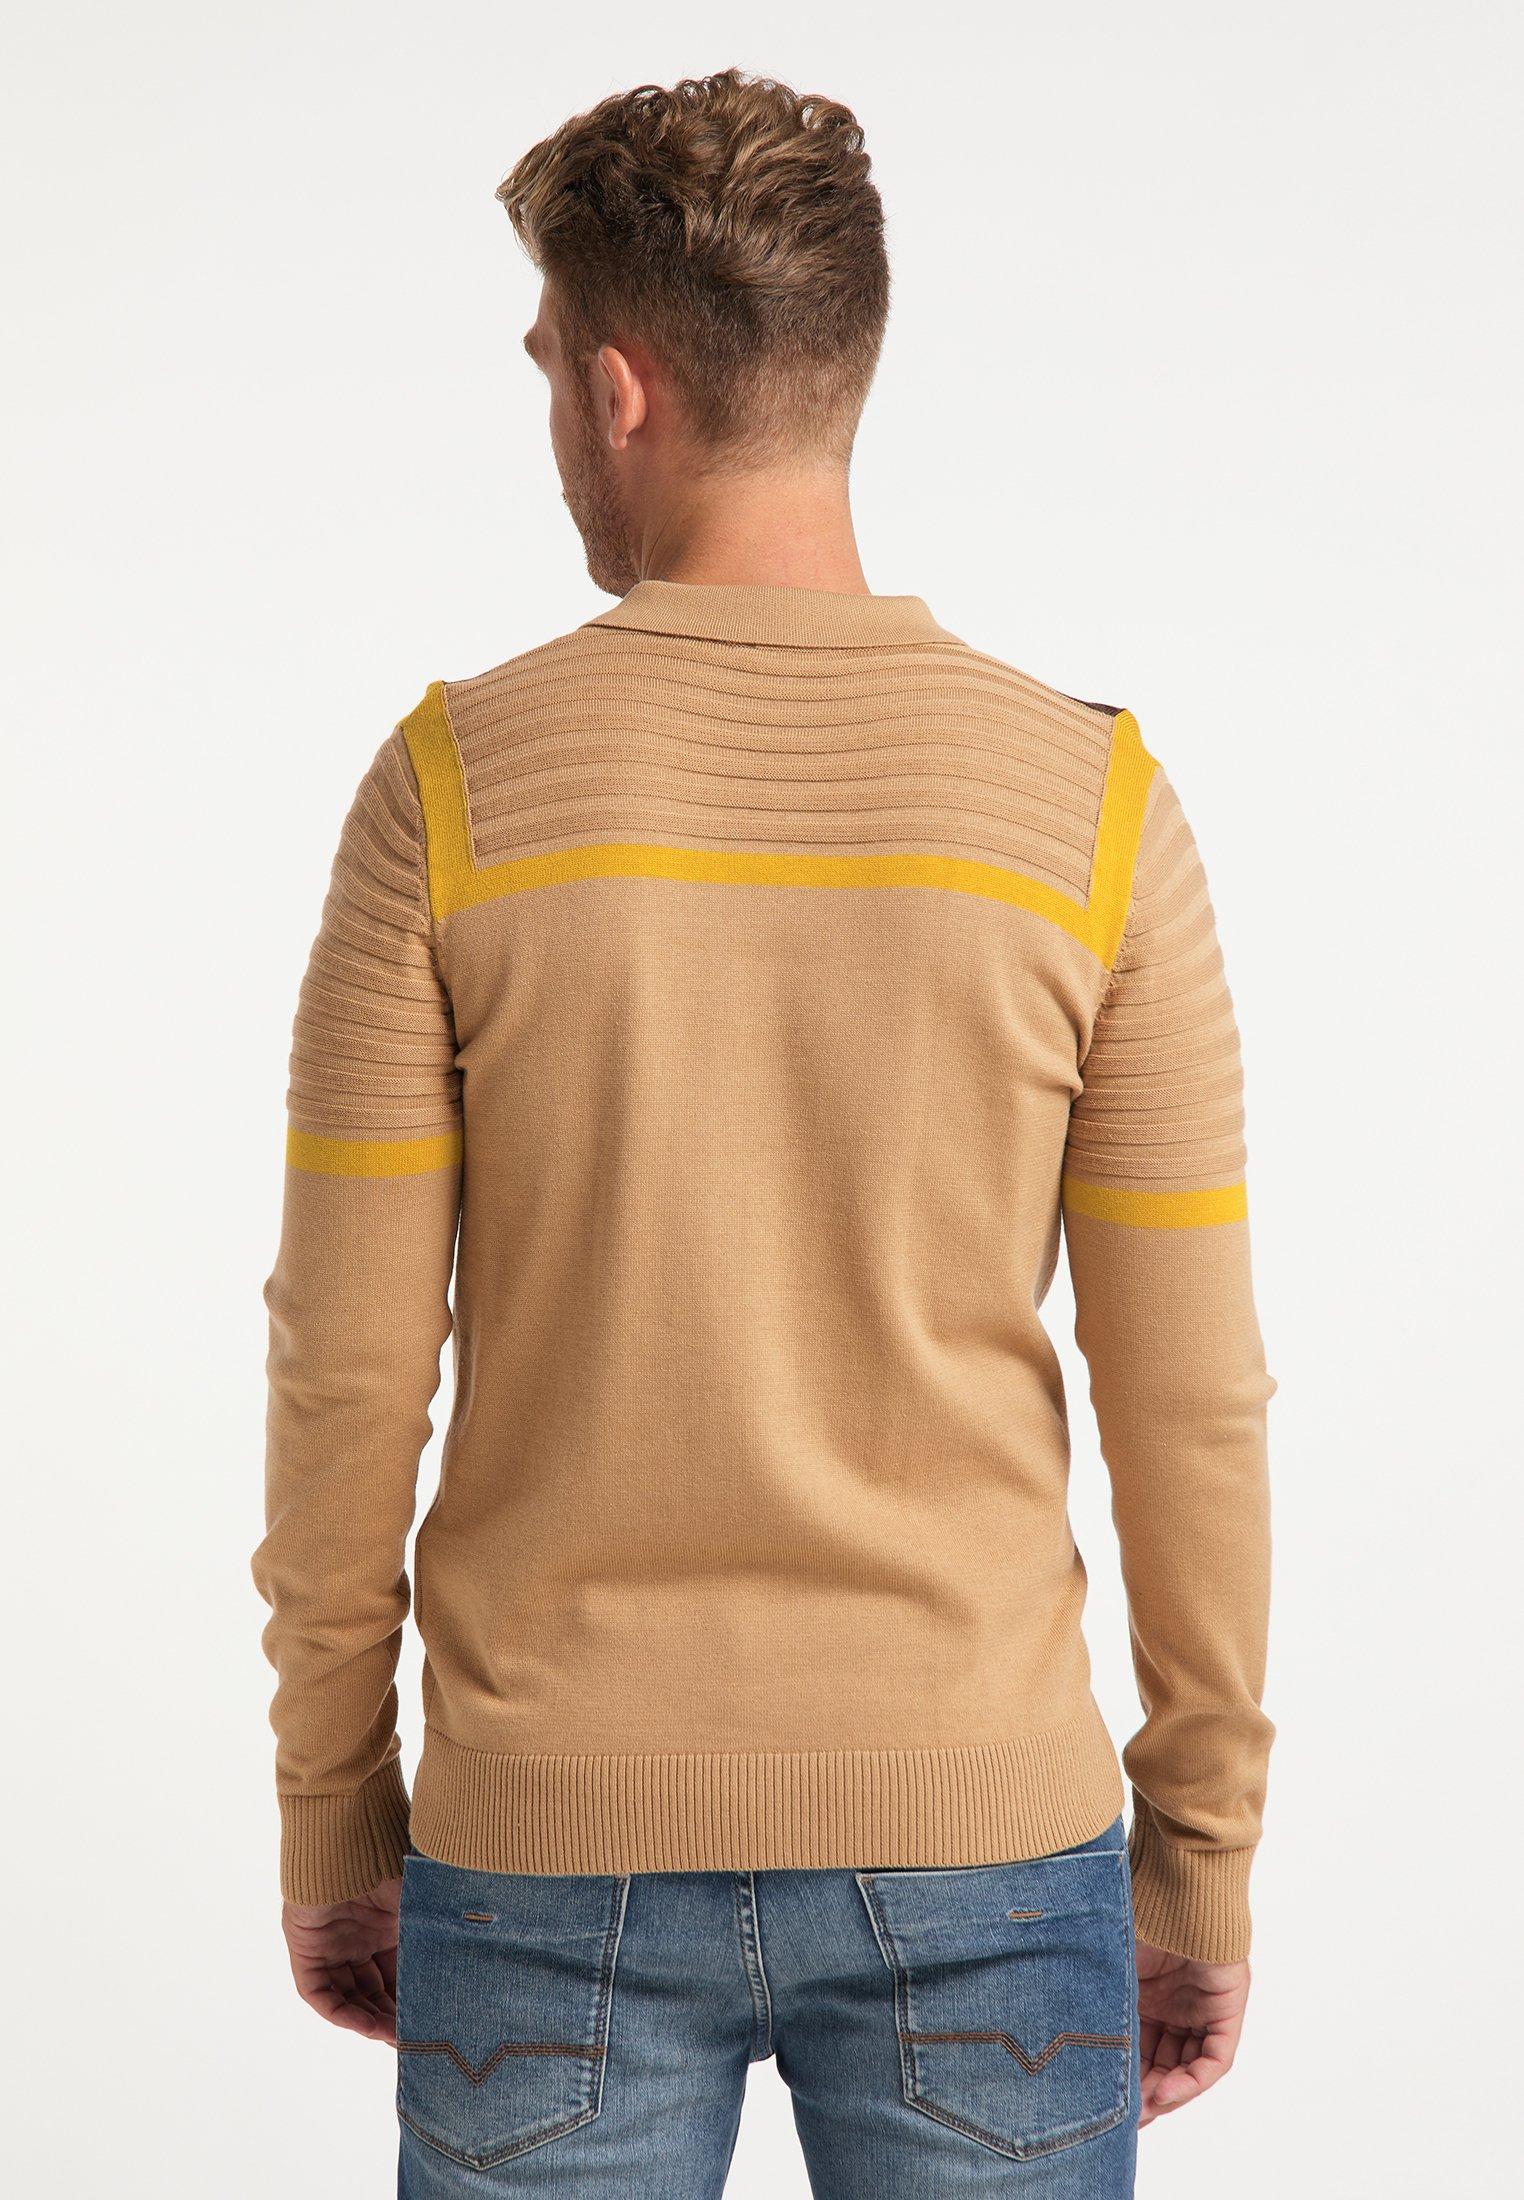 Mo Polo shirt - multicolor kamel cK9vO